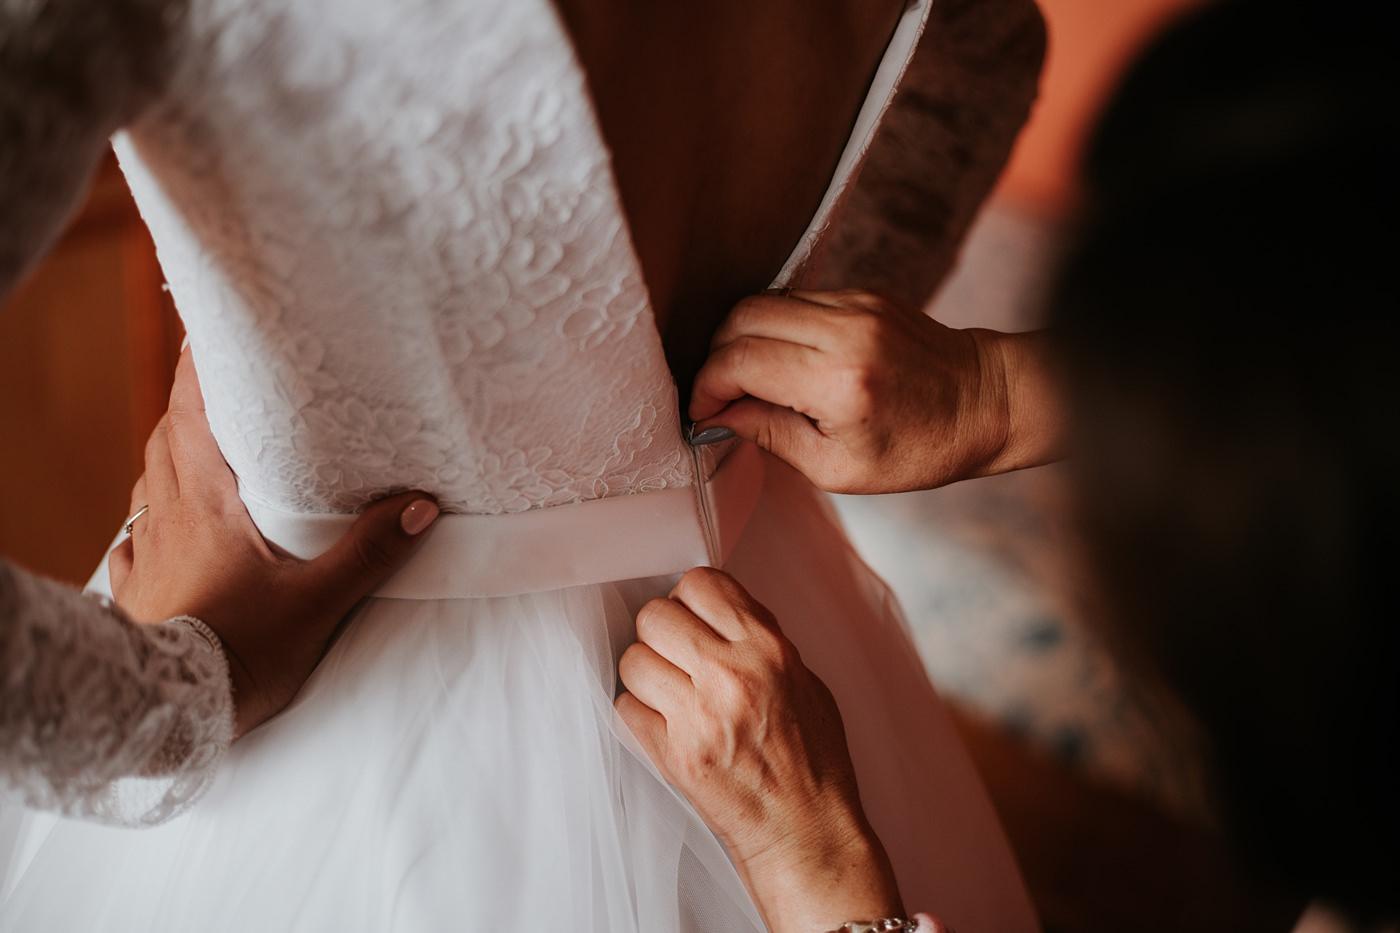 Dominika & Aleksander - Rustykalne wesele w stodole - Baborówko 6